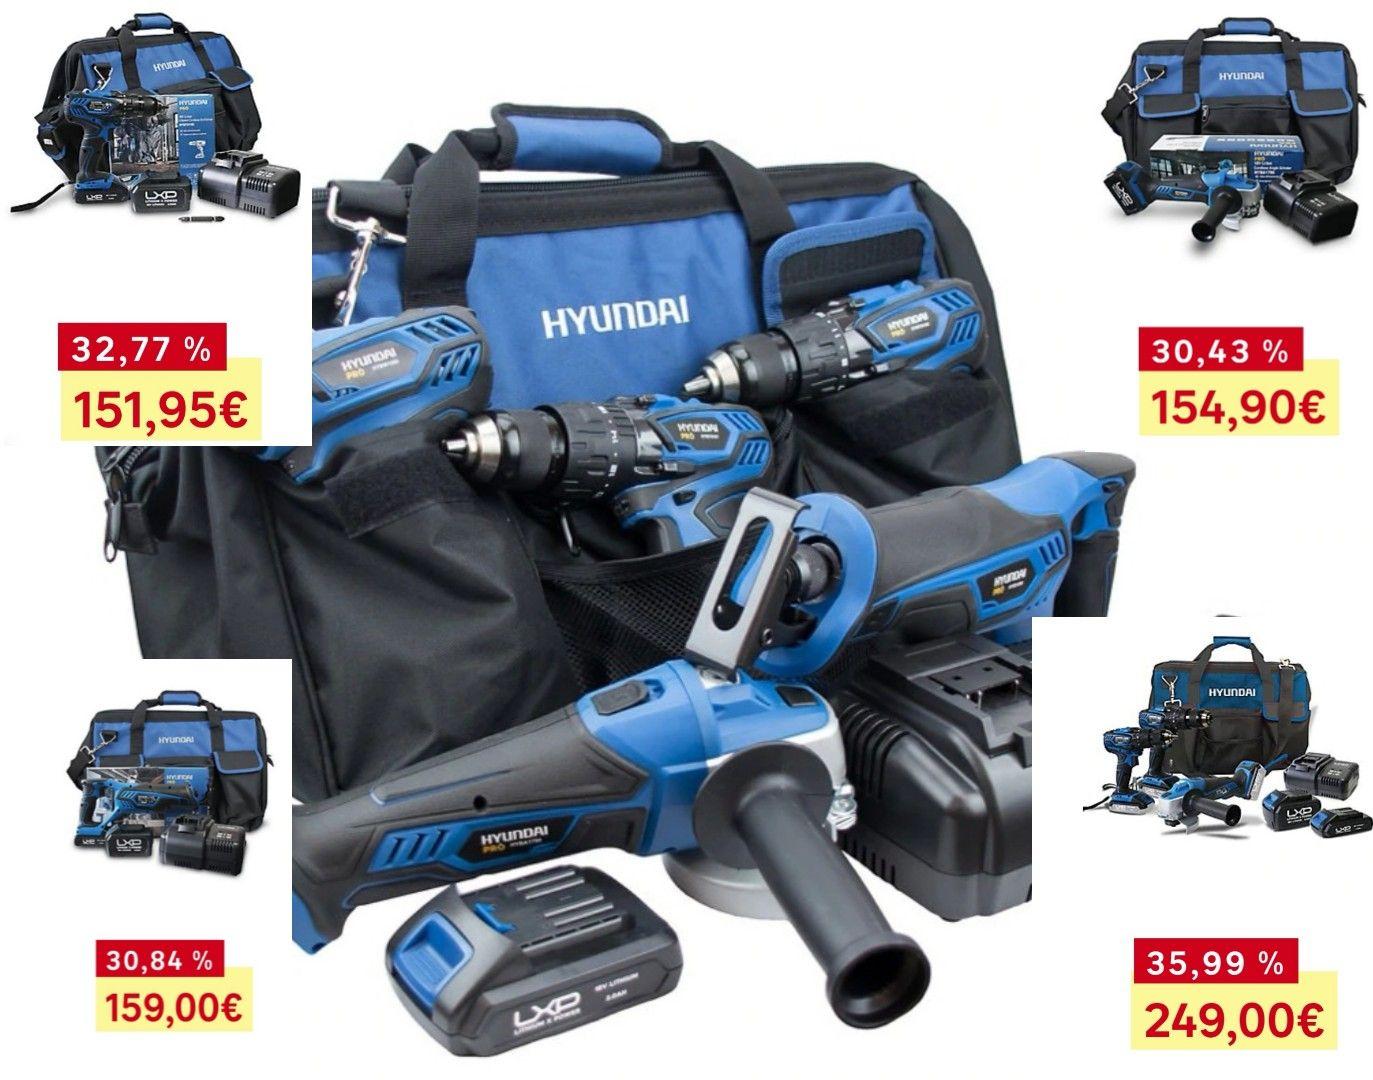 Recopilatorio pack herramientas sin cable Hyundai - Leroy Merlin (ver descripción)